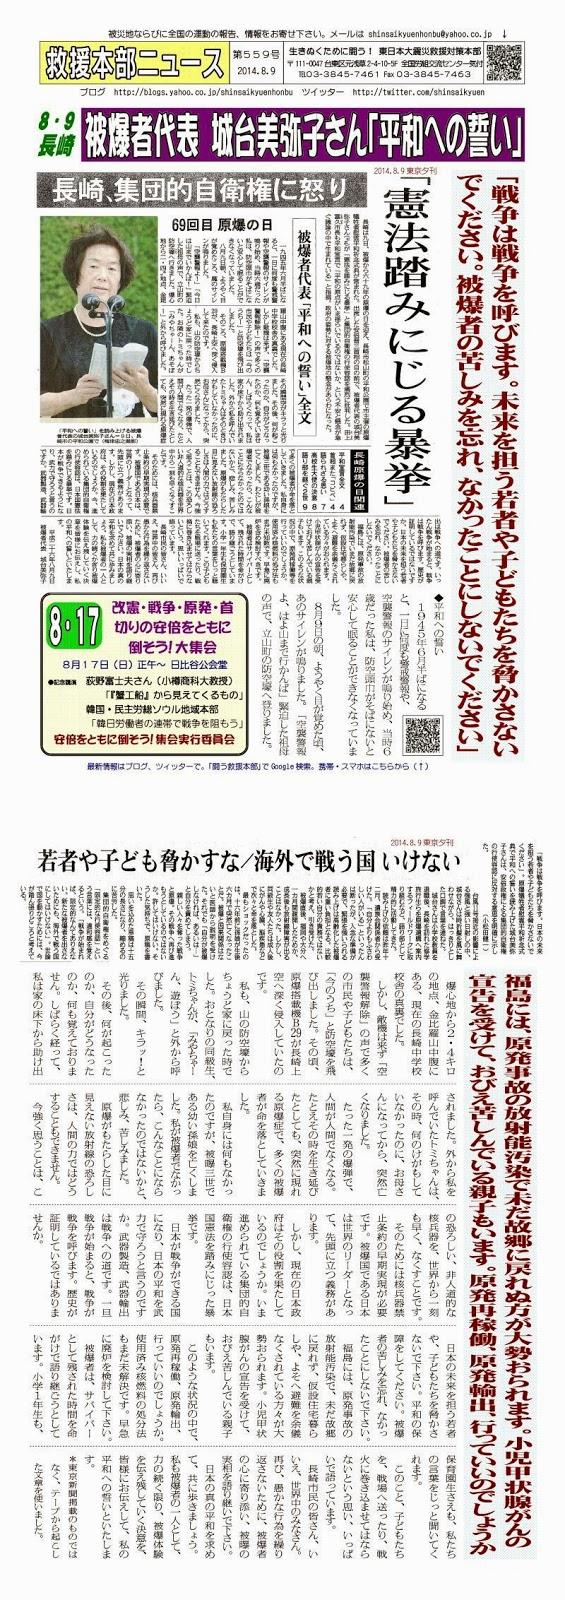 http://blogs.yahoo.co.jp/shinsaikyuenhonbu/12447324.html